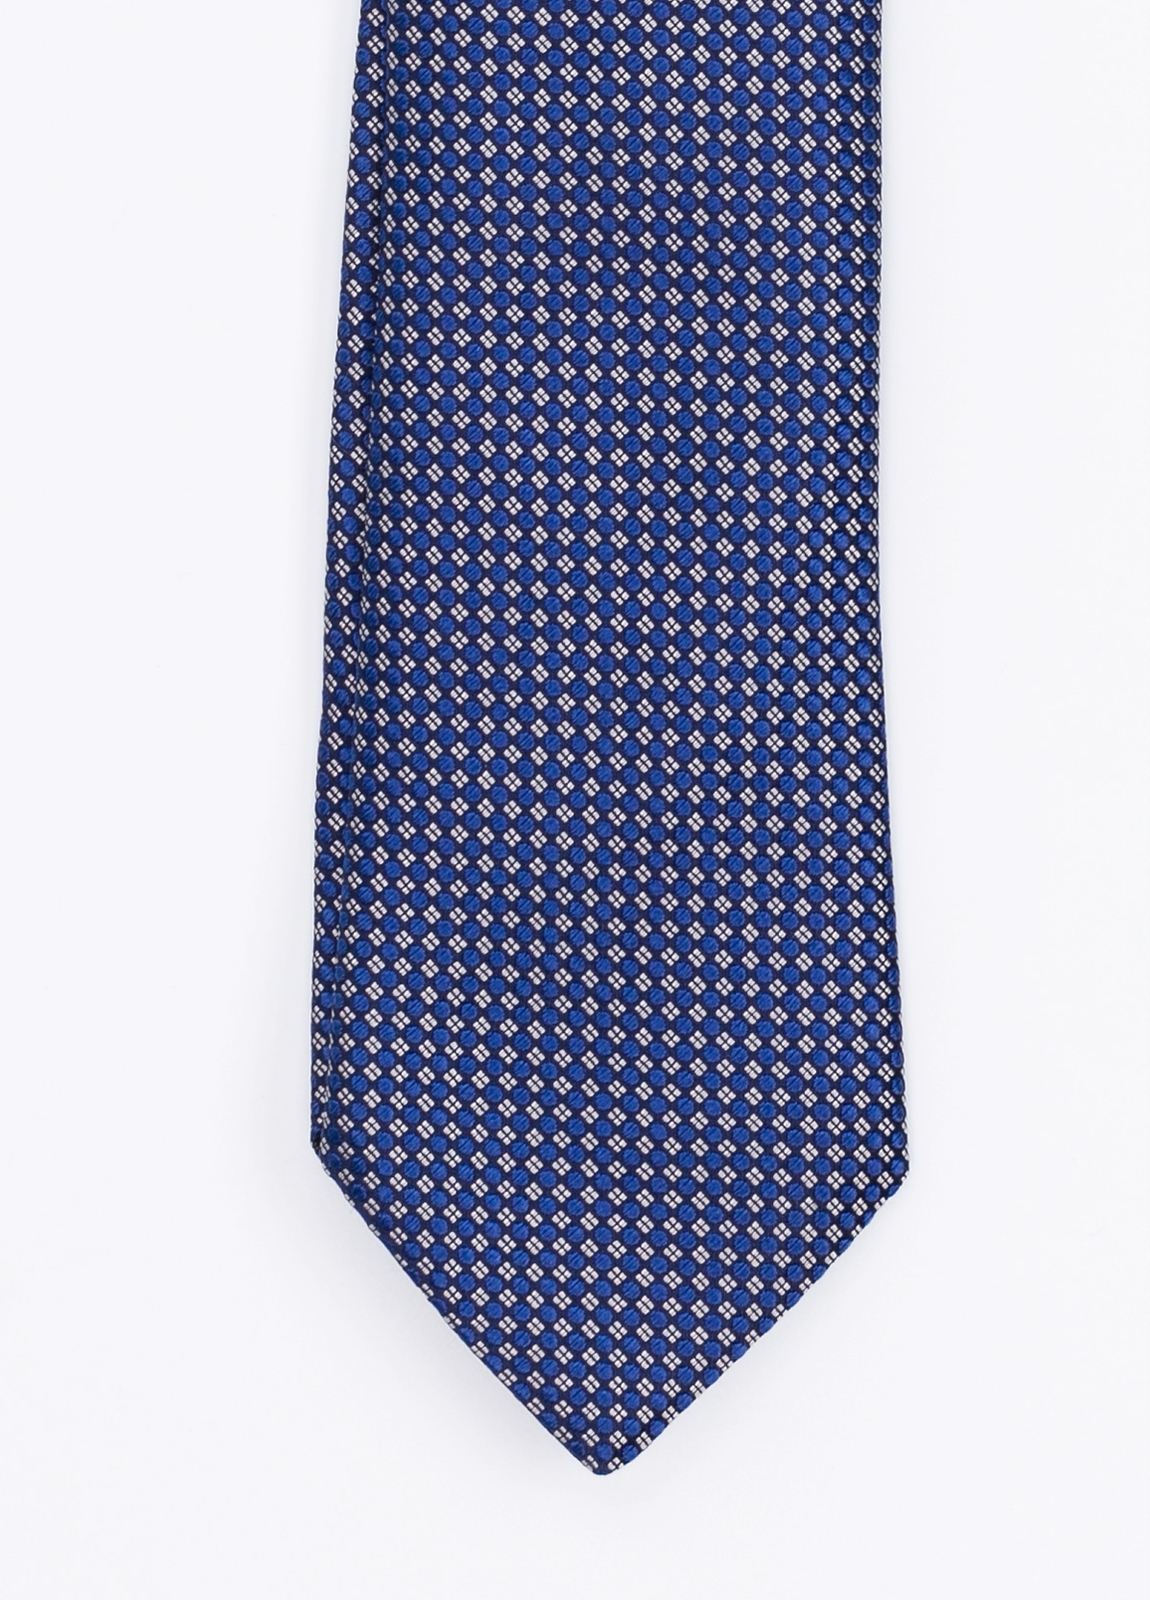 Corbata Formal Wear microdibujo, color azul. Pala 7,5 cm. 100% Seda.